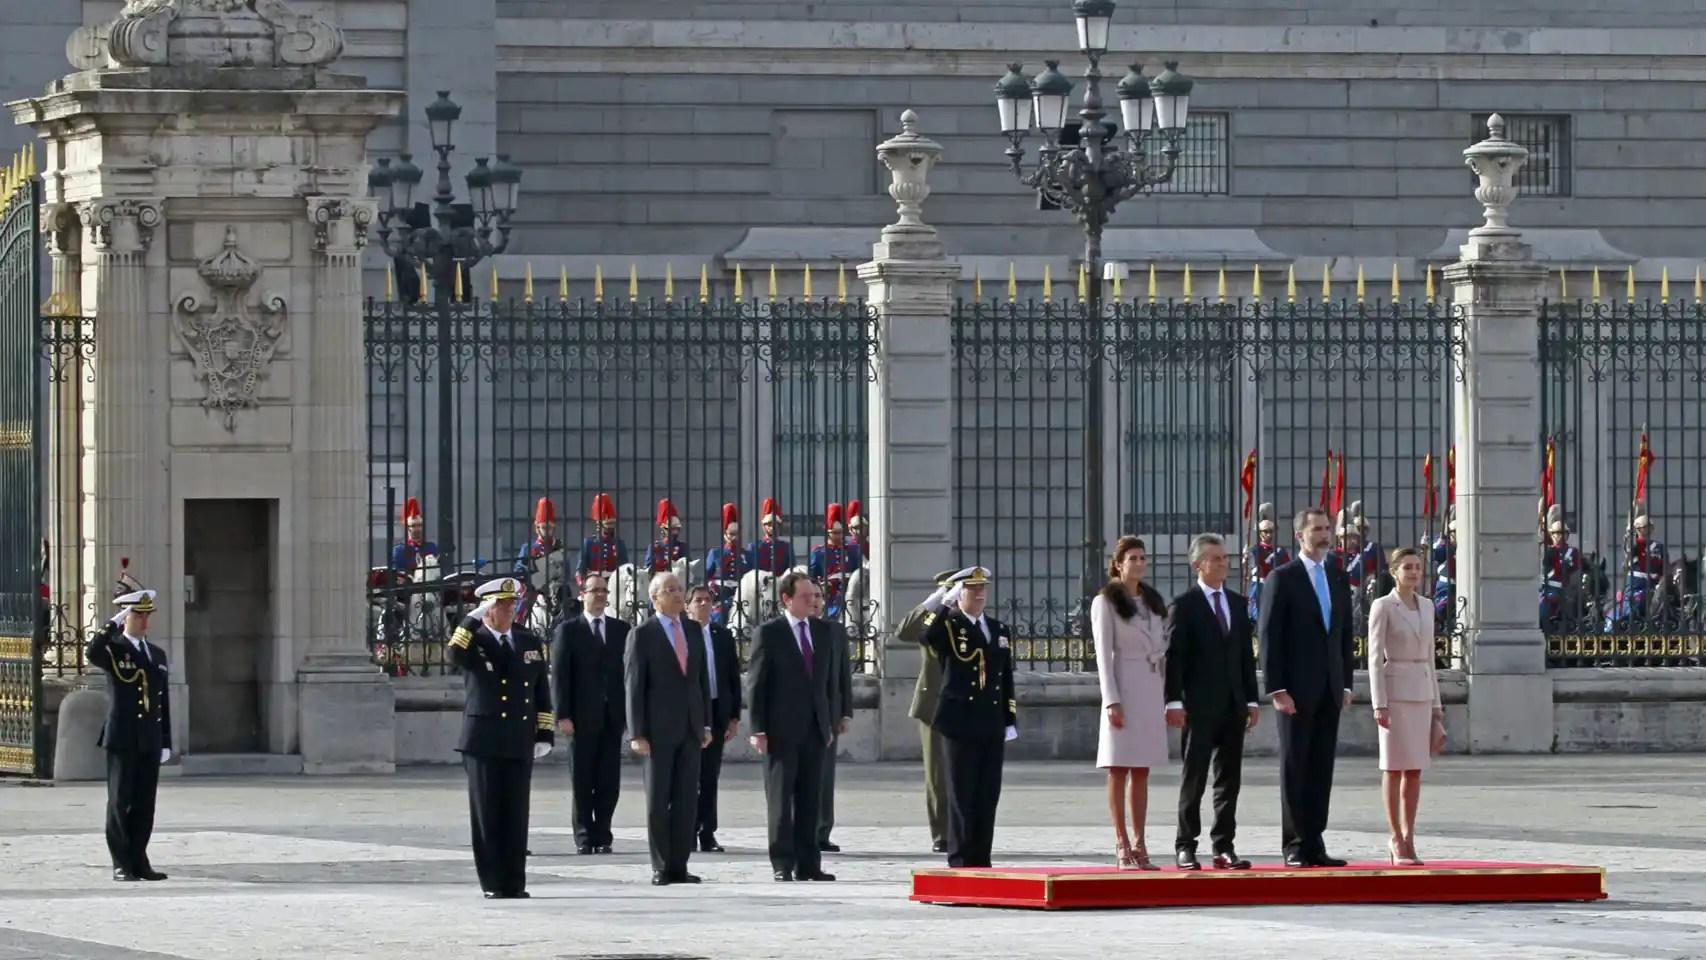 Juliana, Mauricio Macri, Felipe VI y Letizia en el Palacio Real.